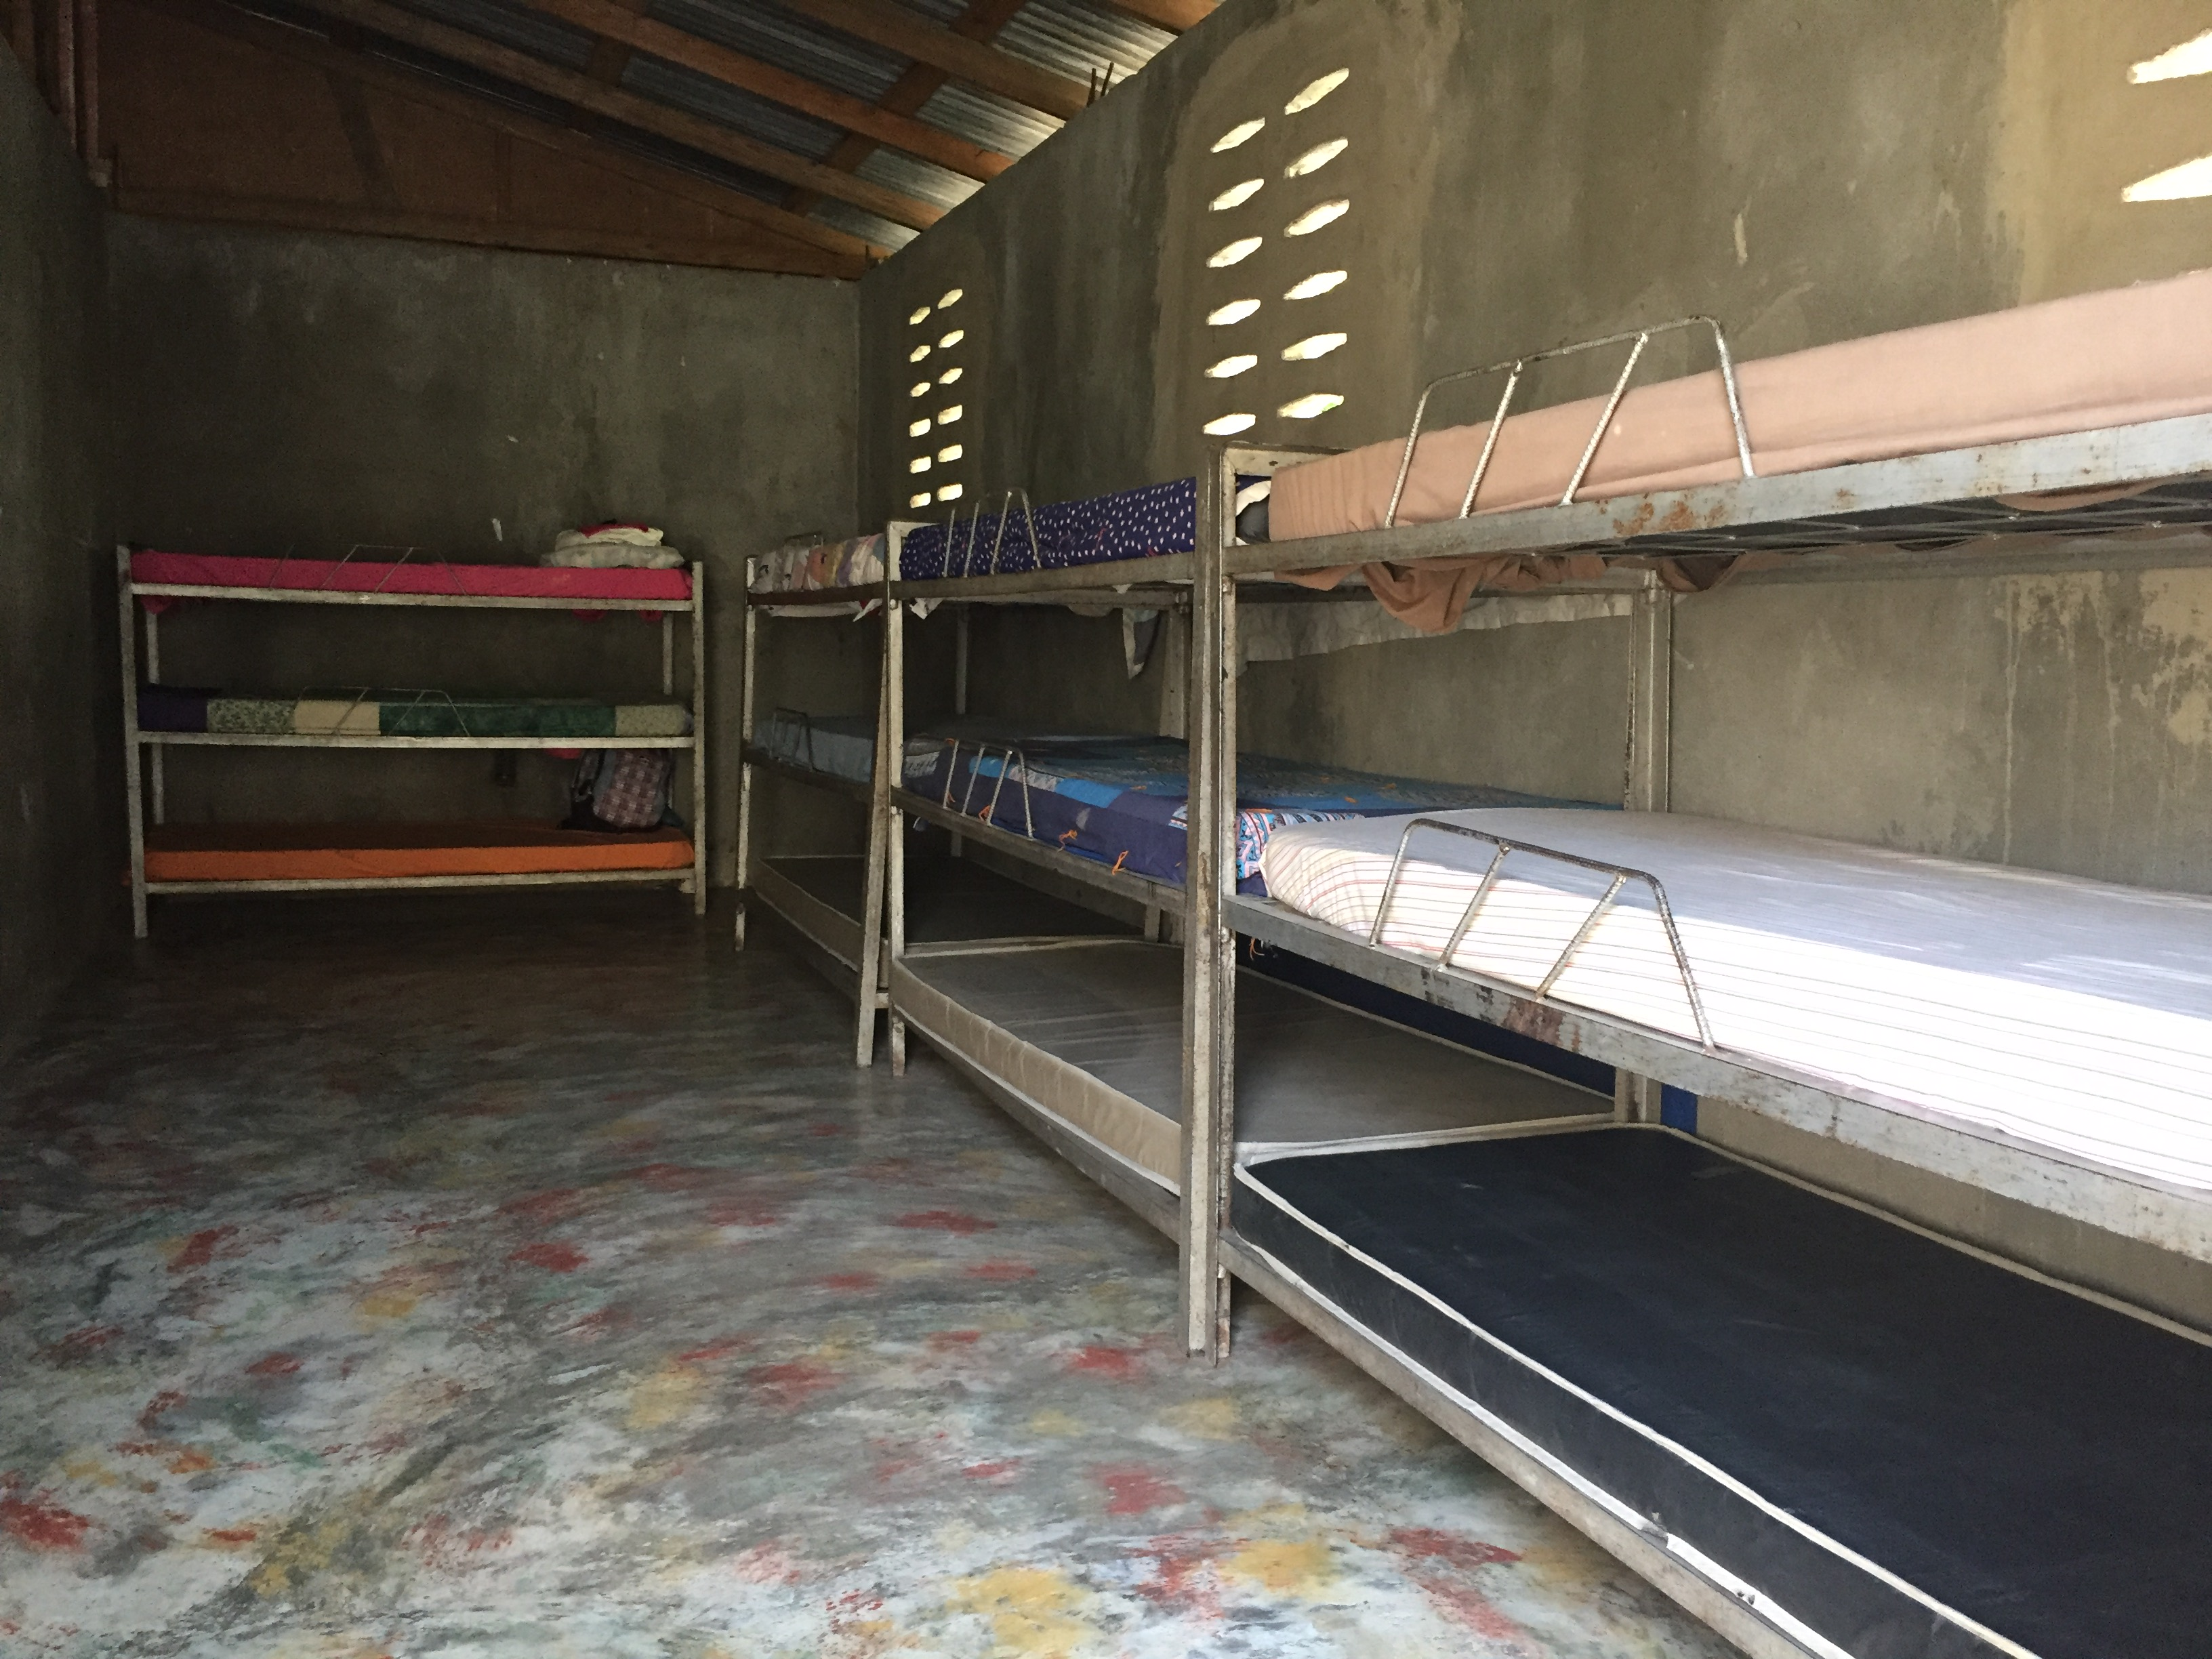 Haitian orphanage boy's bunk area